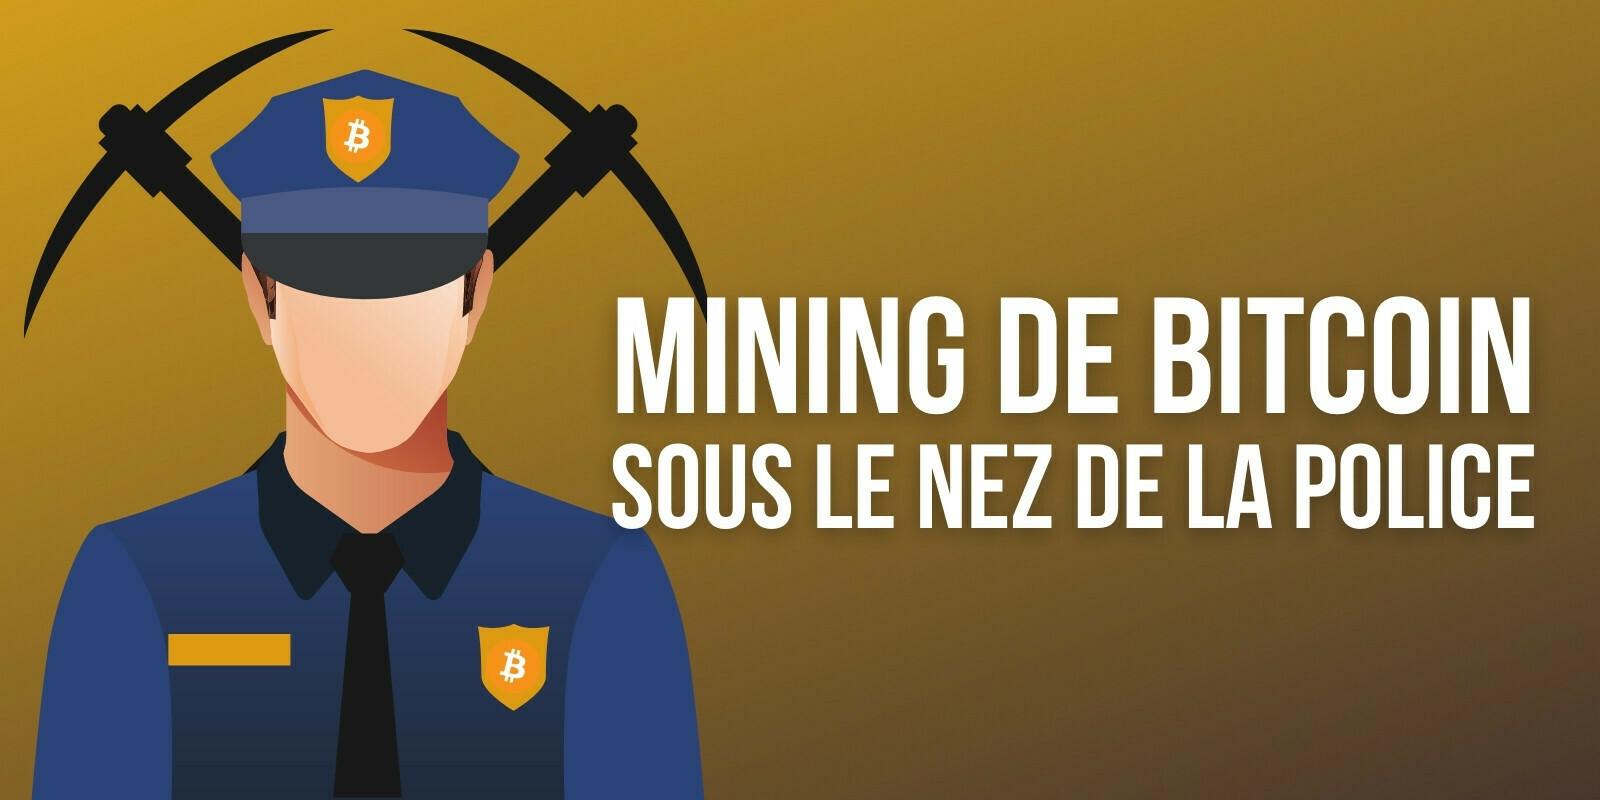 Des bitcoins (BTC) minés clandestinement dans les locaux de la police polonaise